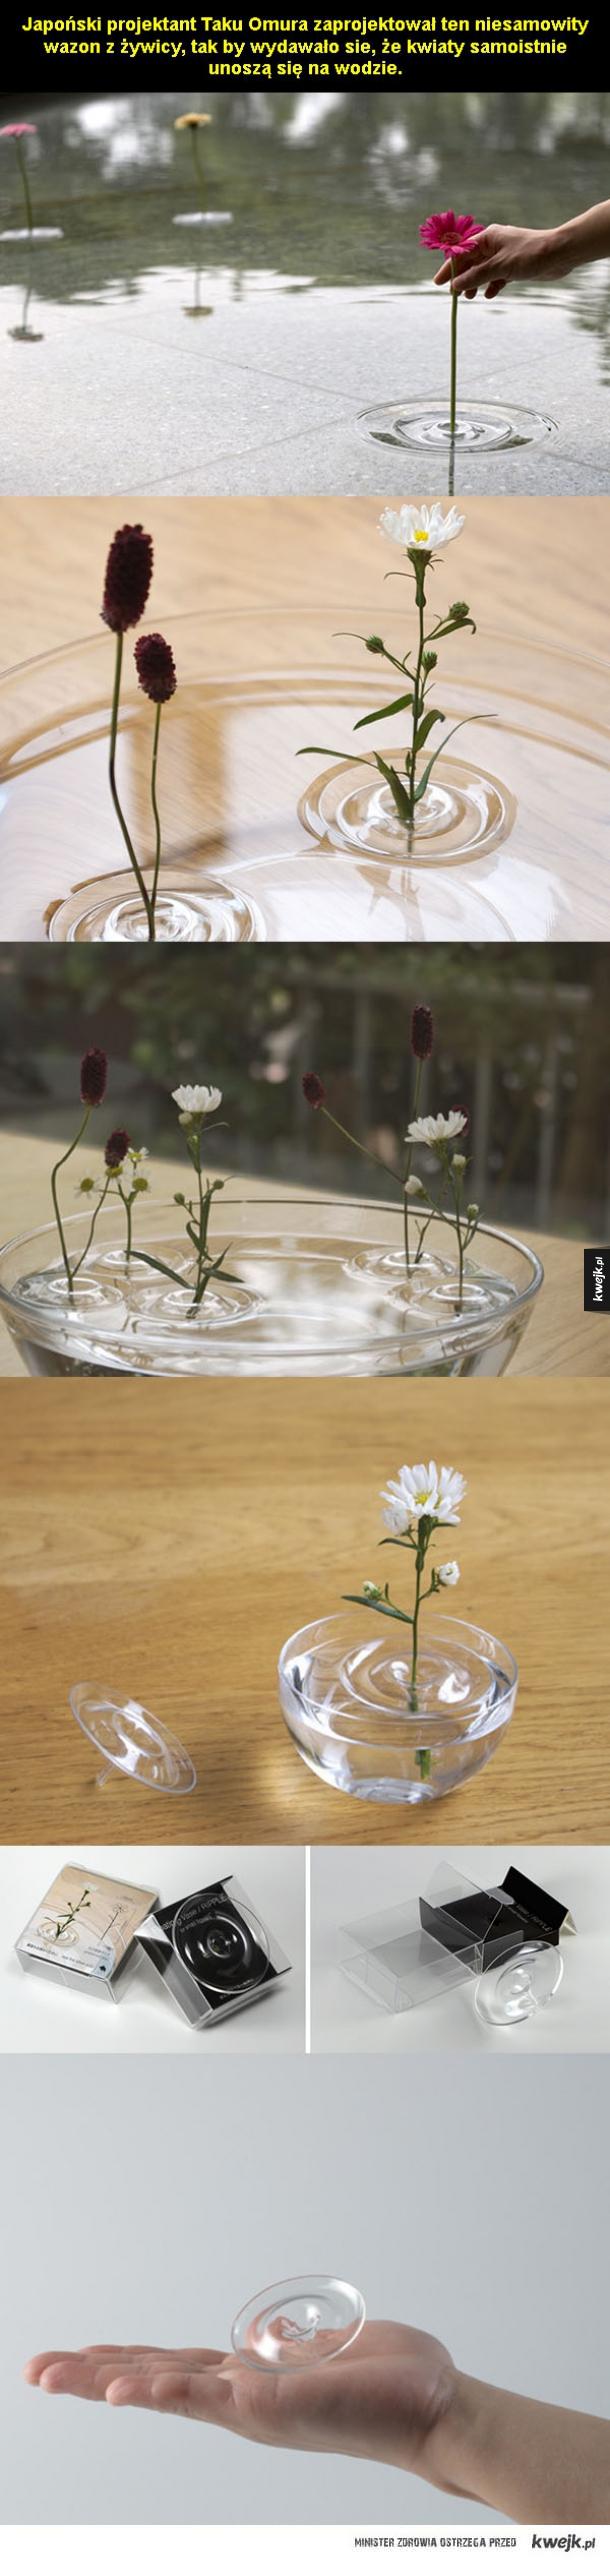 Niewidzialny wazon